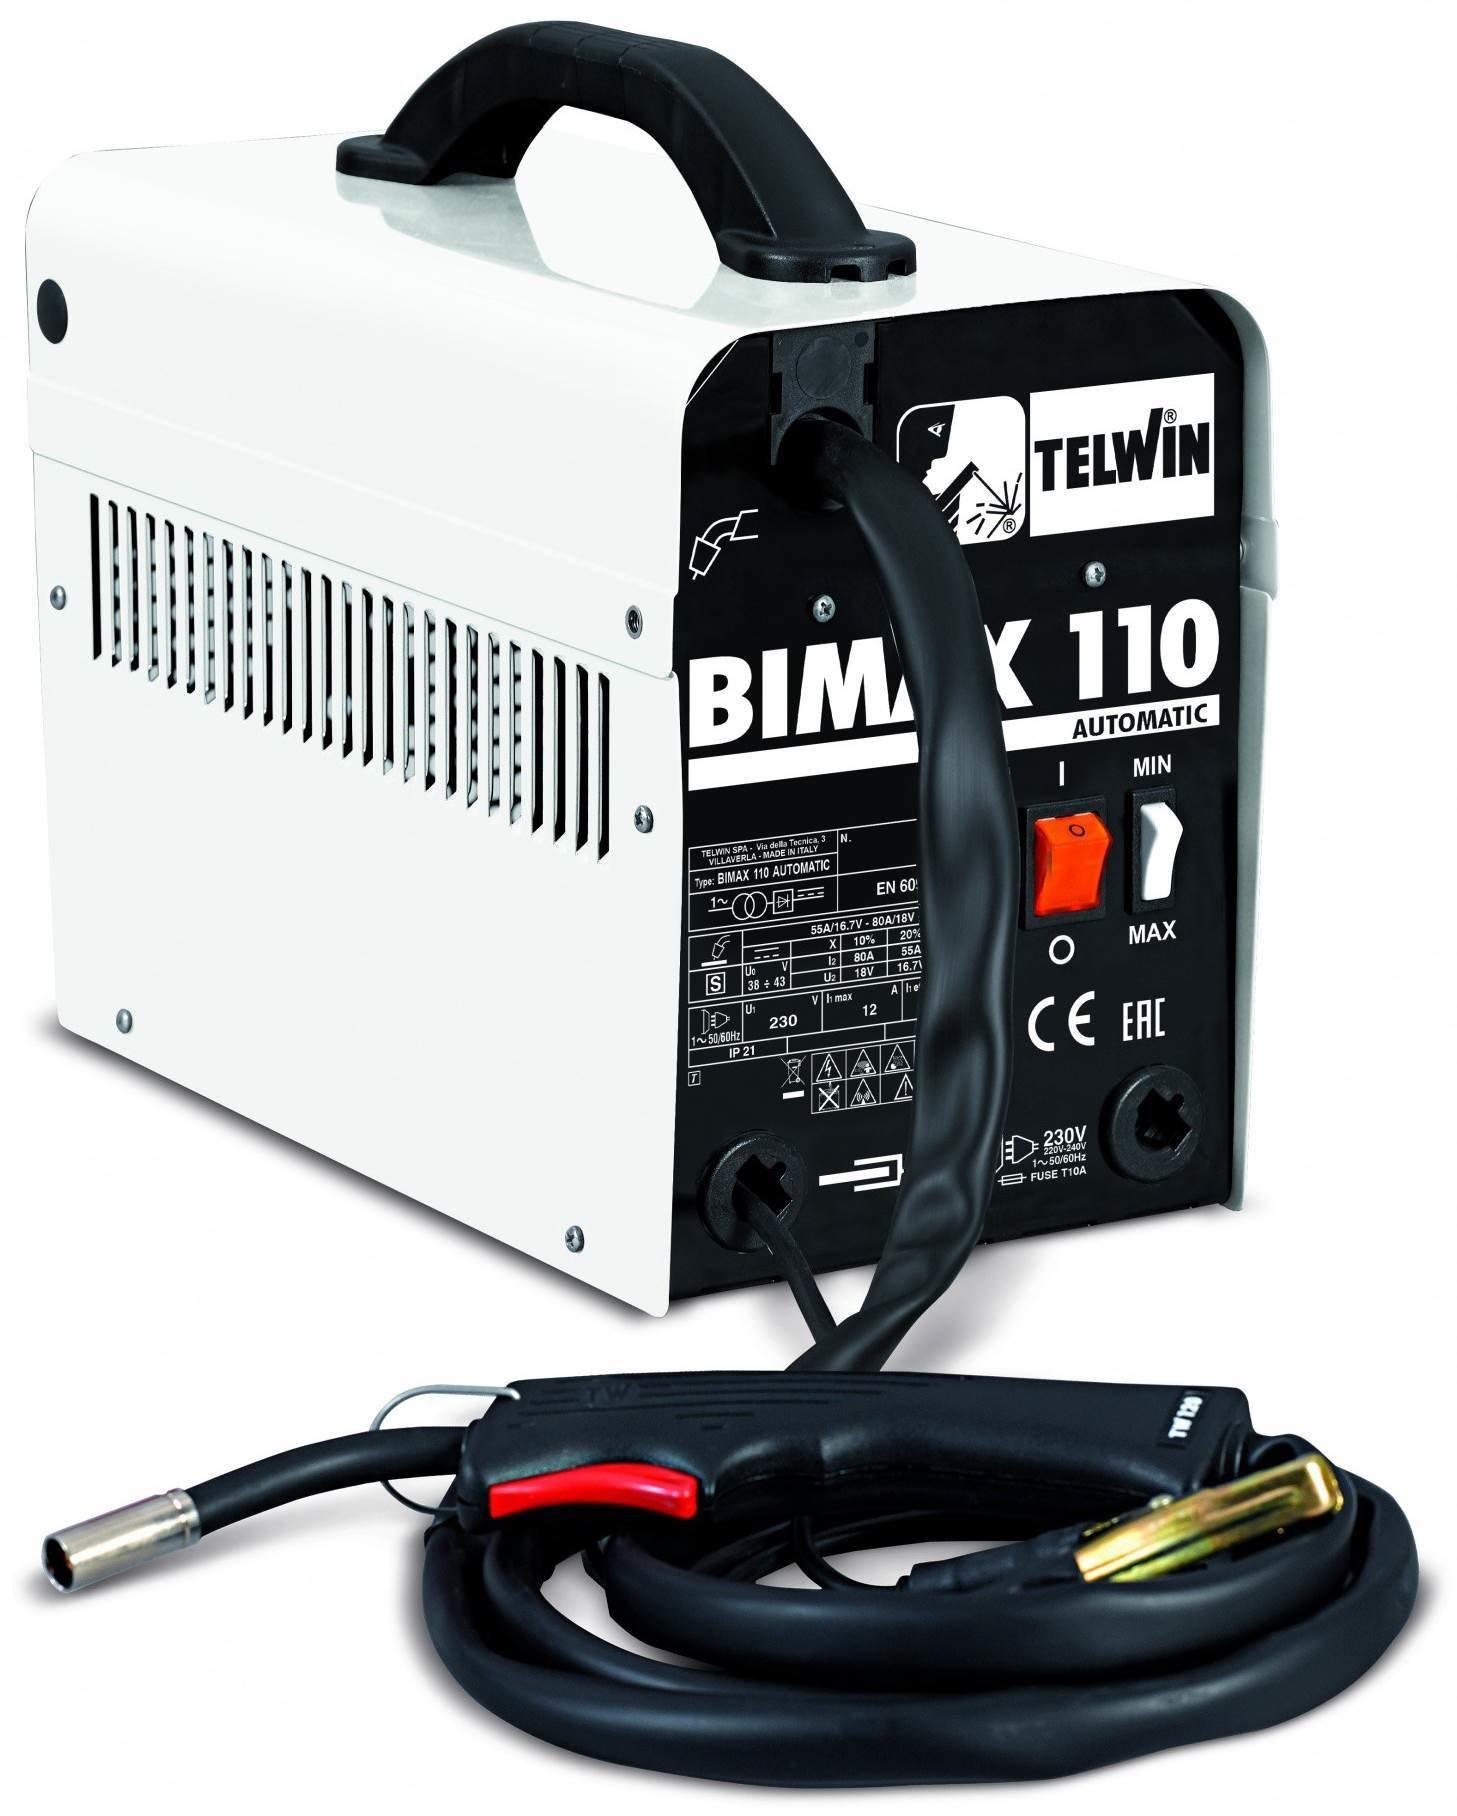 Сварочный выпрямитель BIMAX 110 AUTOMATIC 821075